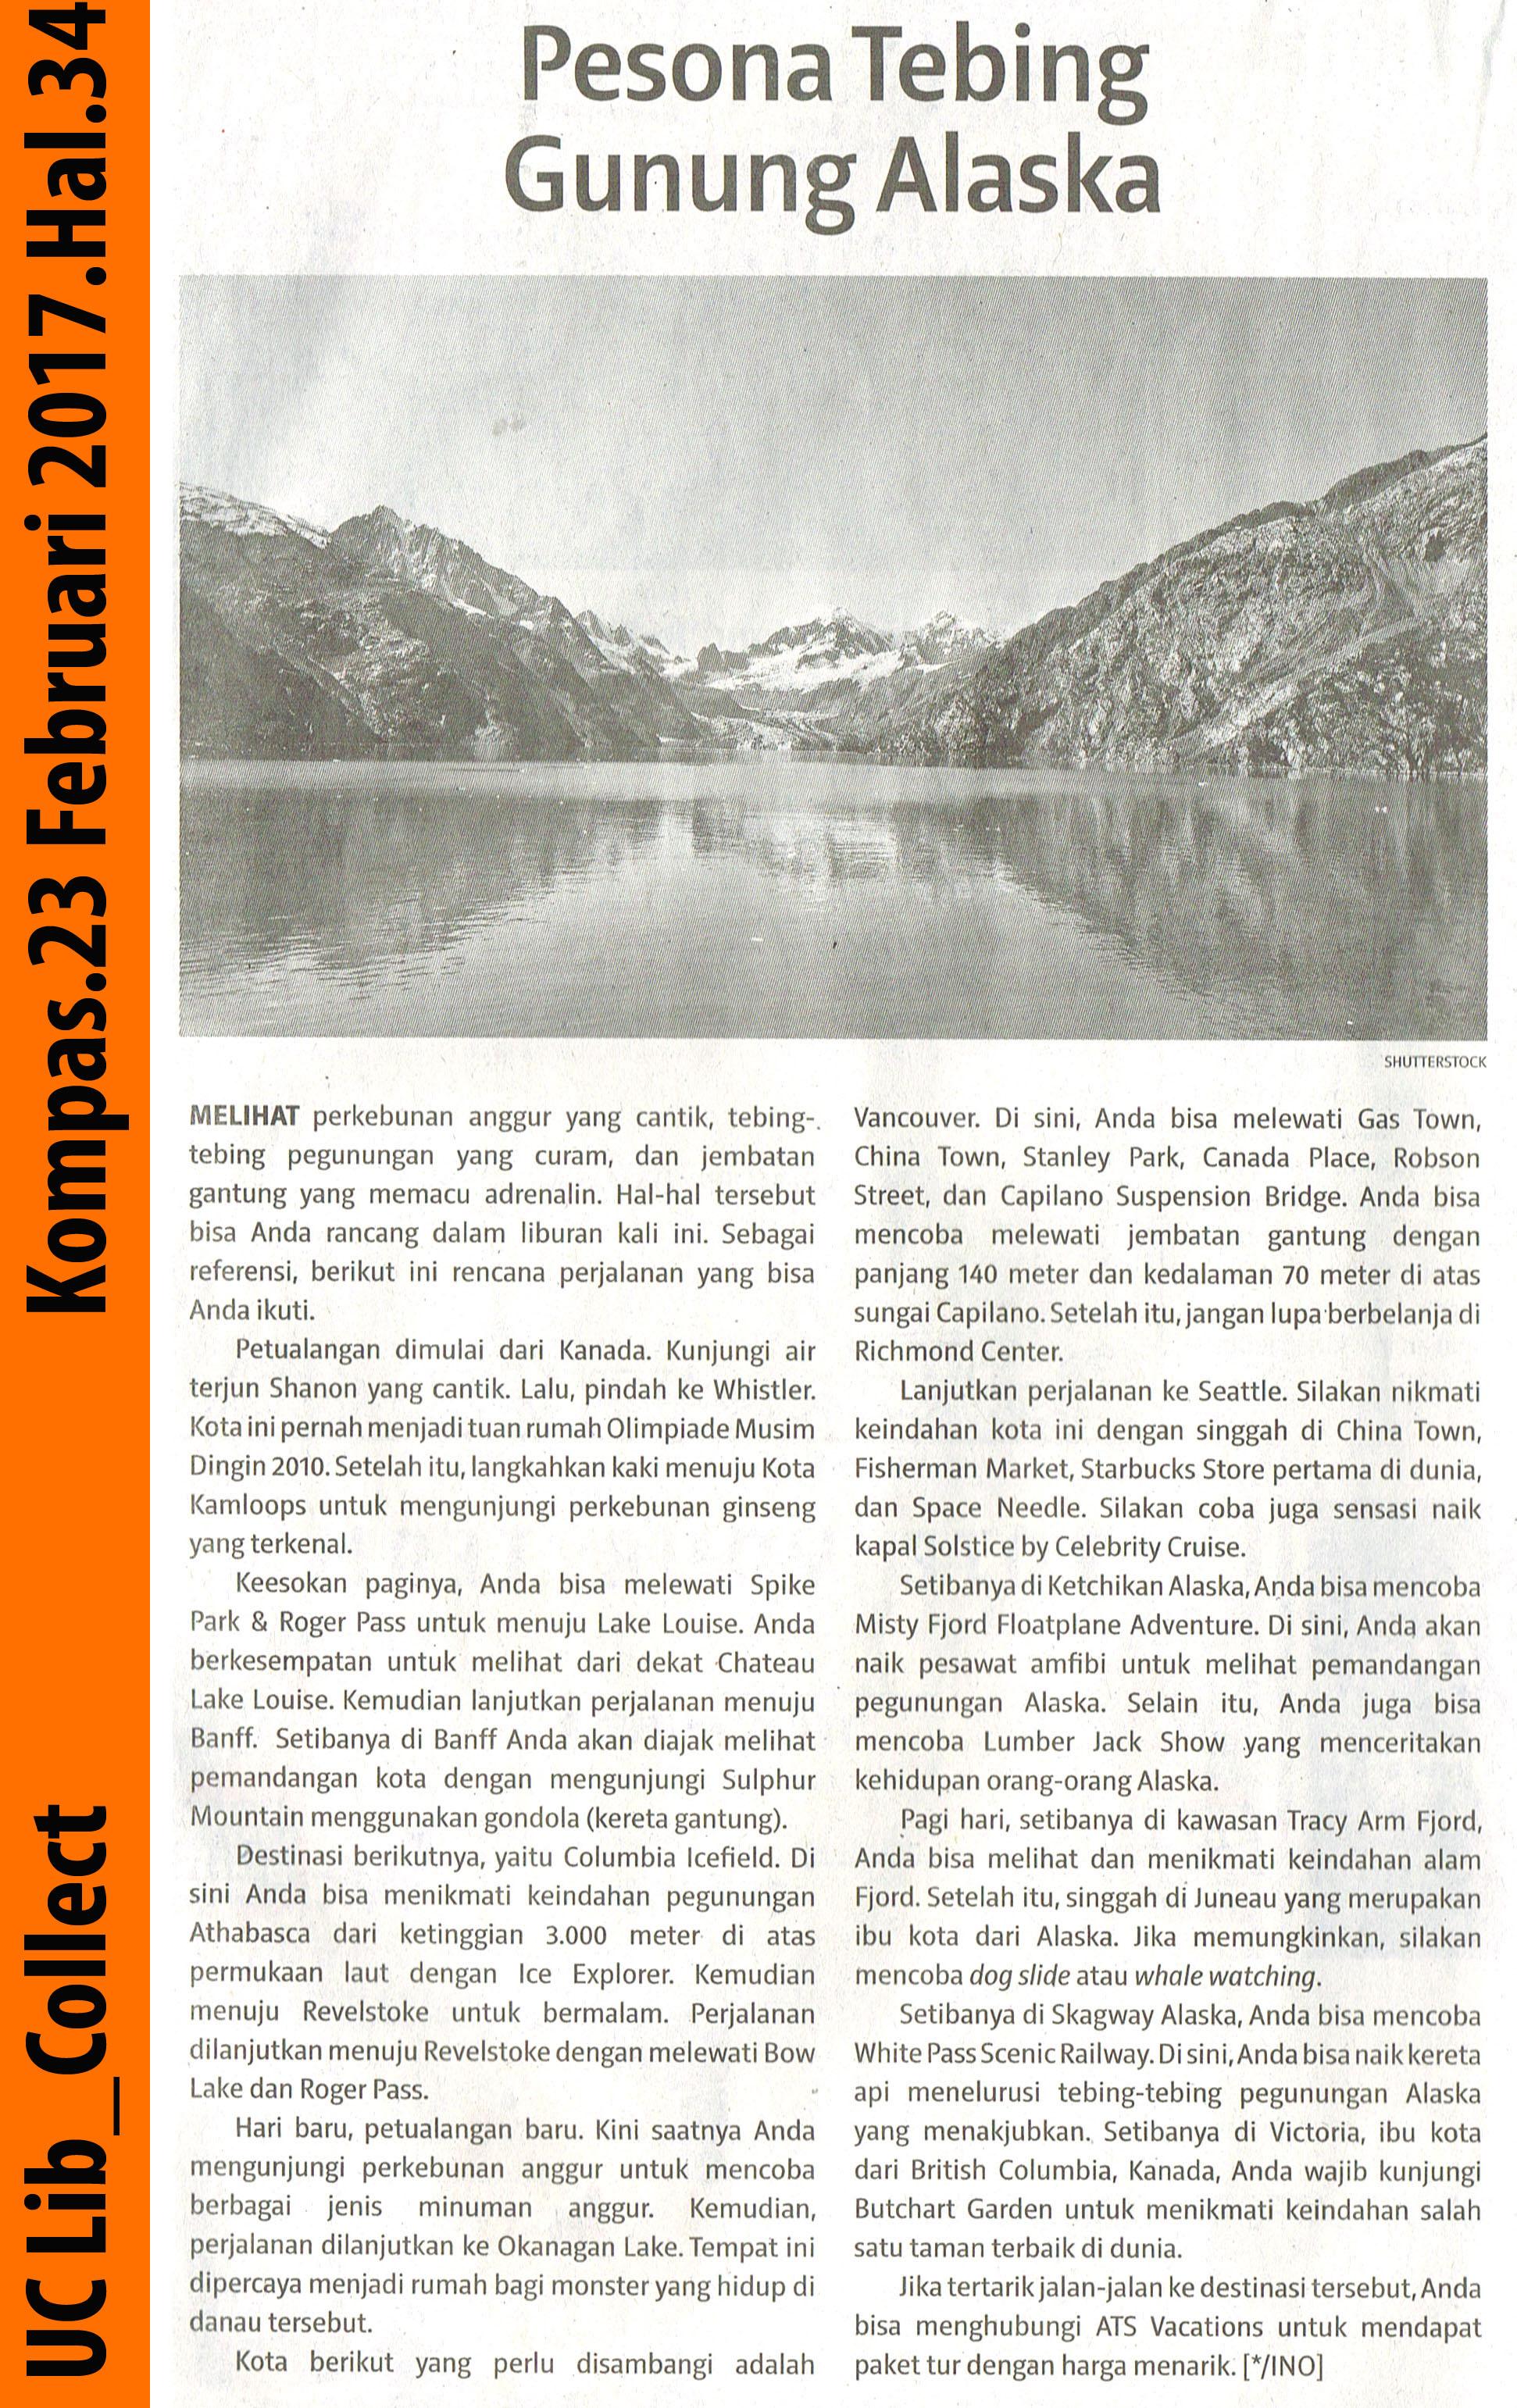 Pesona Tebing Gunung Alaska.Kompas.23 Februari 2017.Hal.34